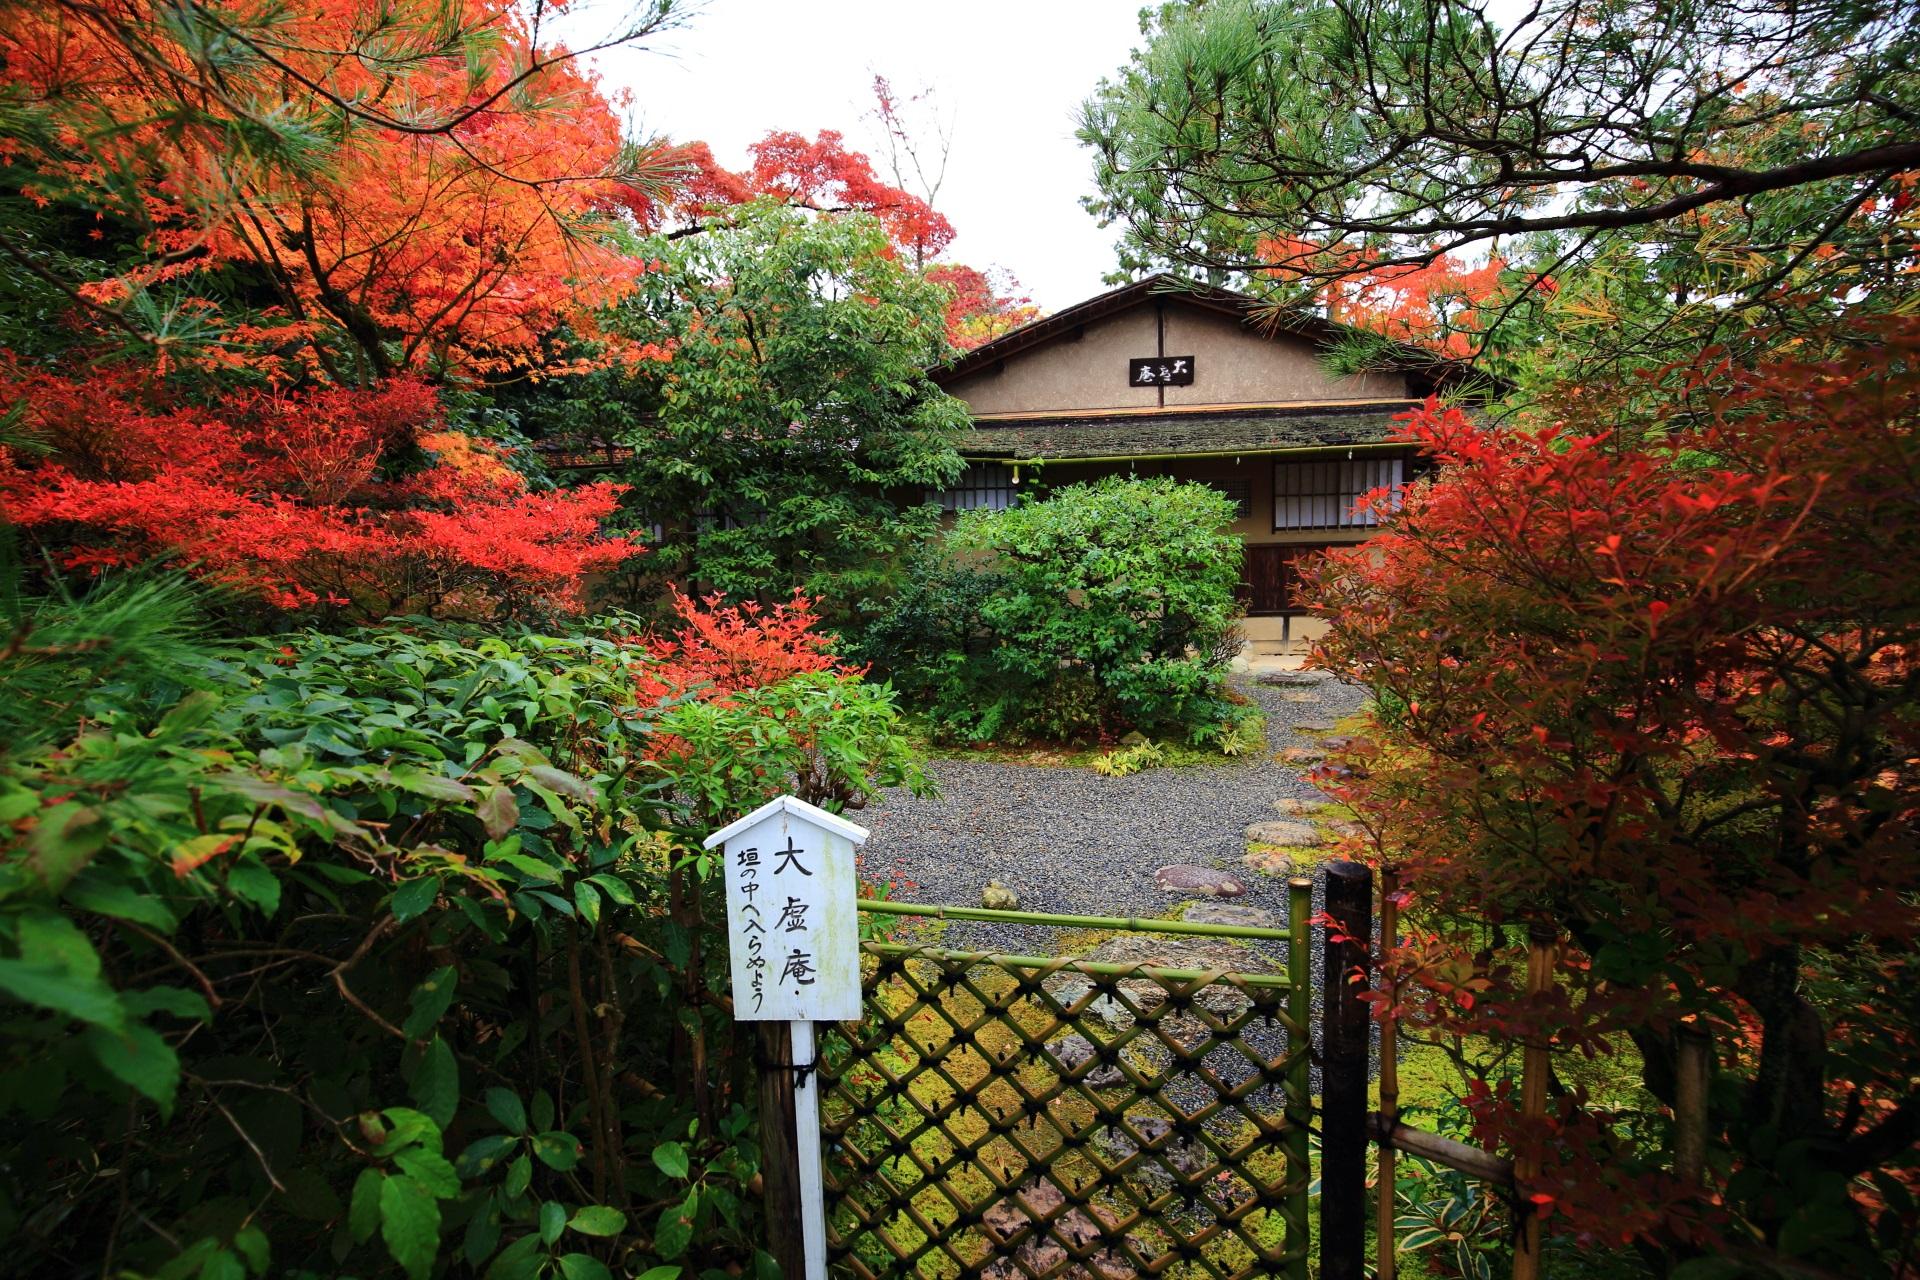 光悦寺の大虚庵と紅葉と風情ある秋の情景